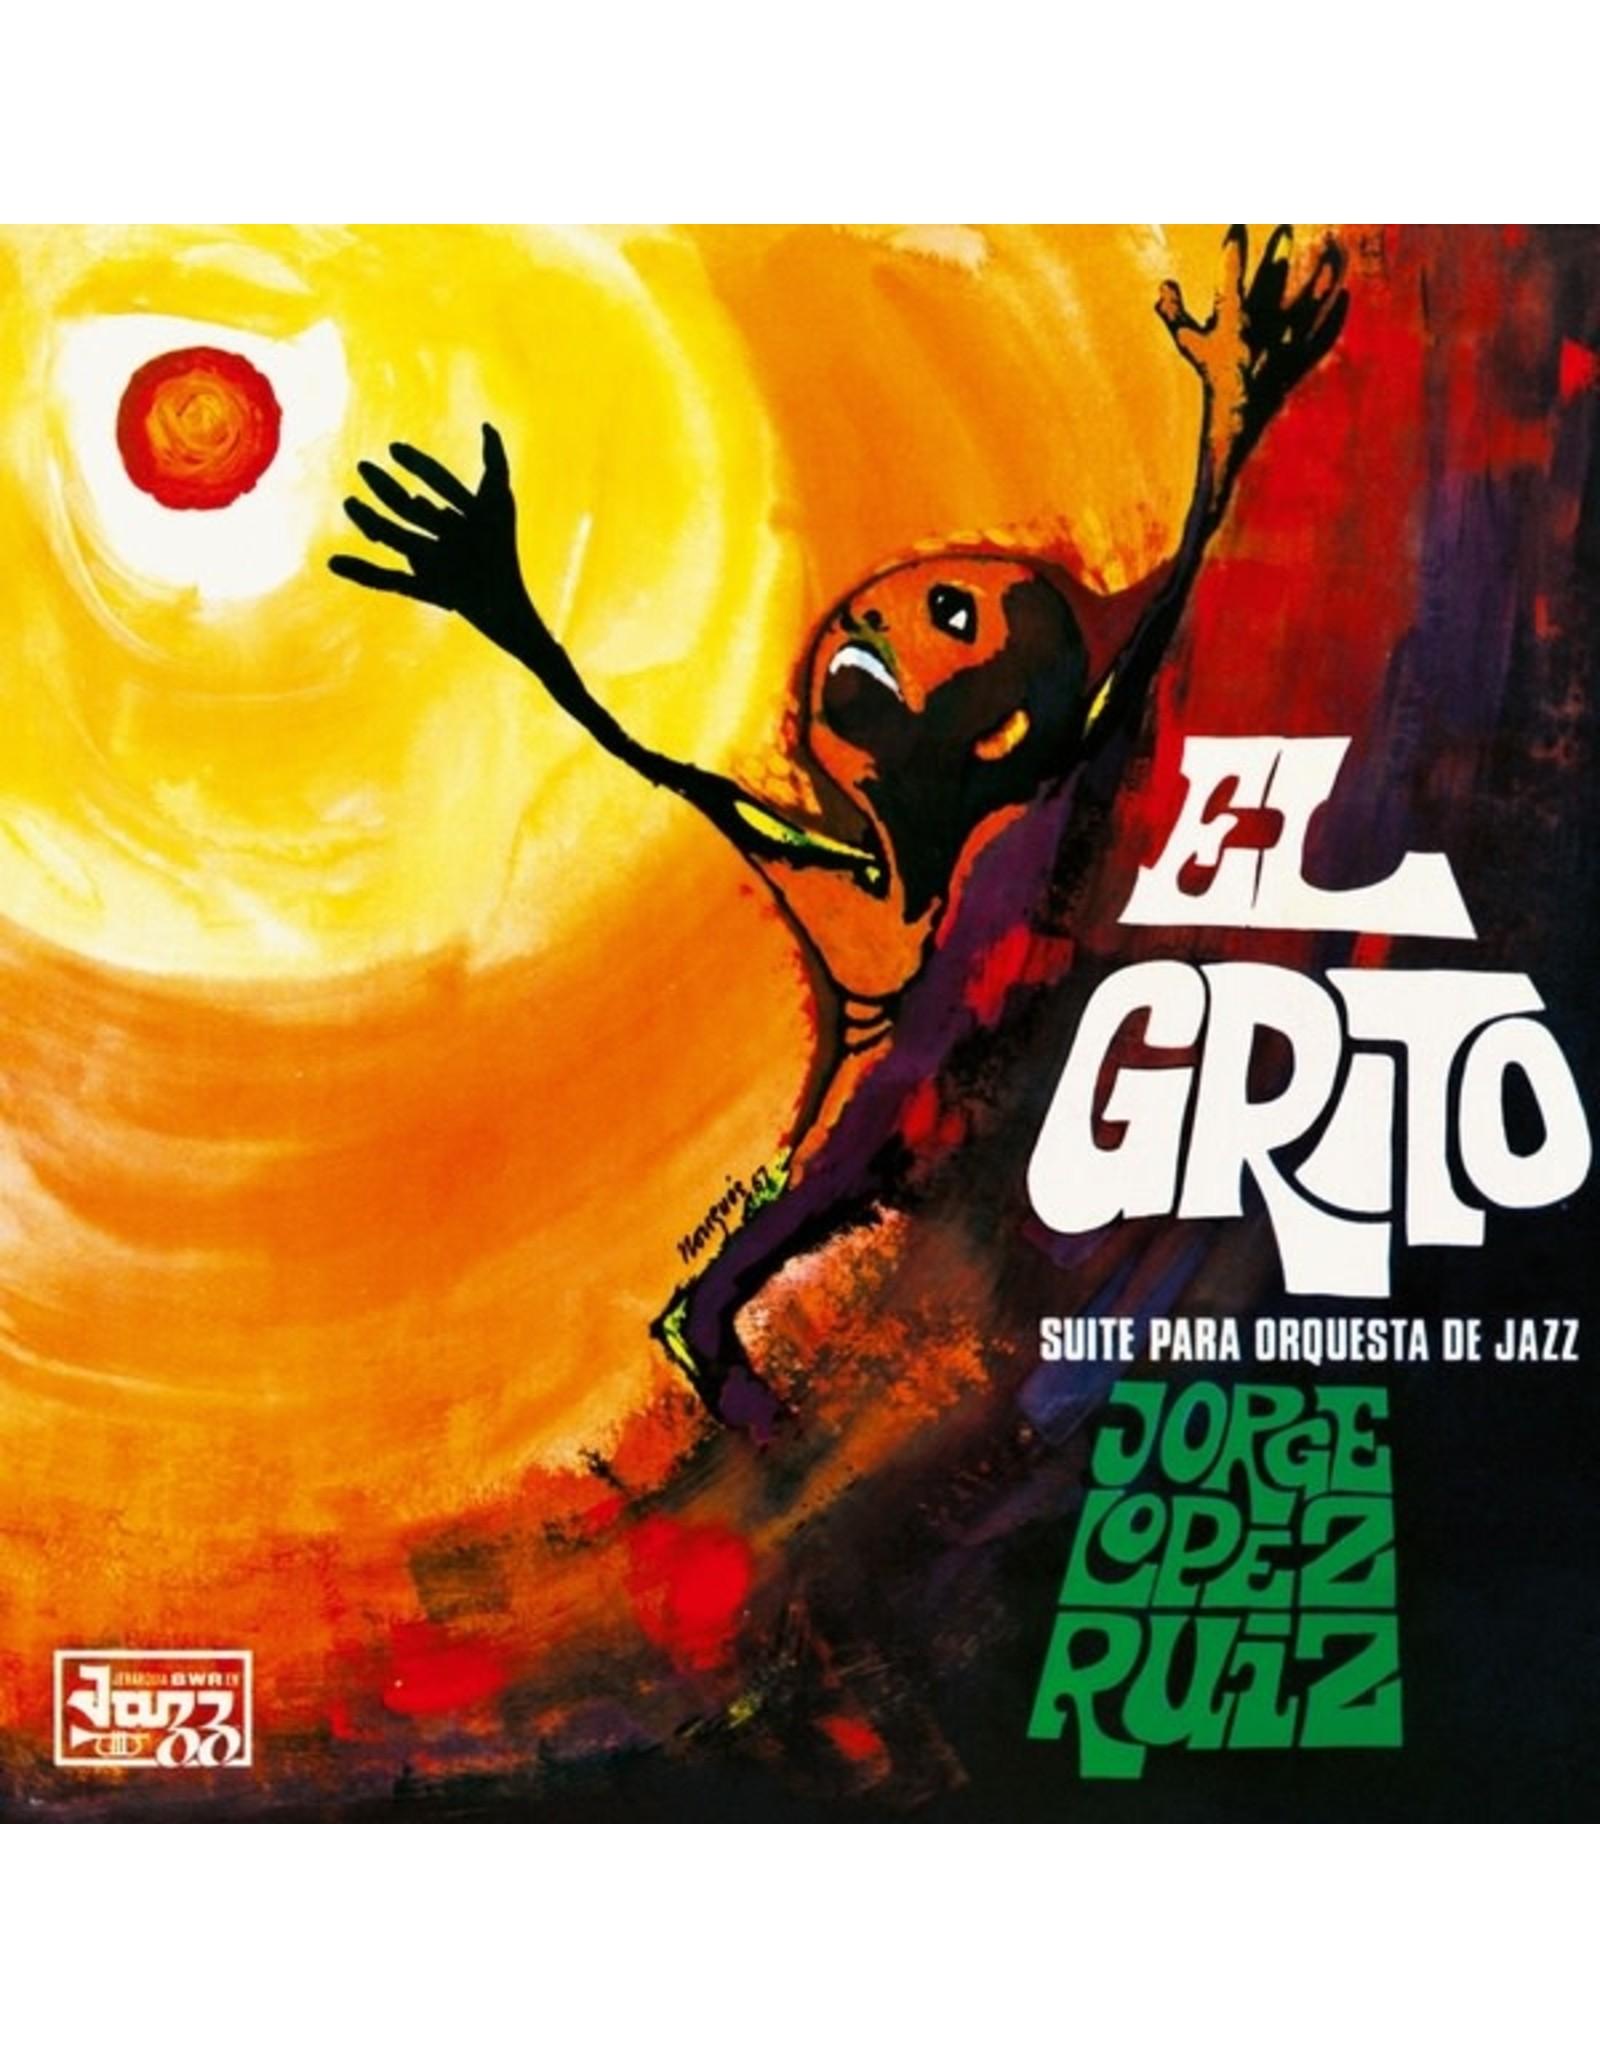 New Vinyl Jorge Lopez Ruiz - El Grito (Suite Para Orquesta De Jazz) LP